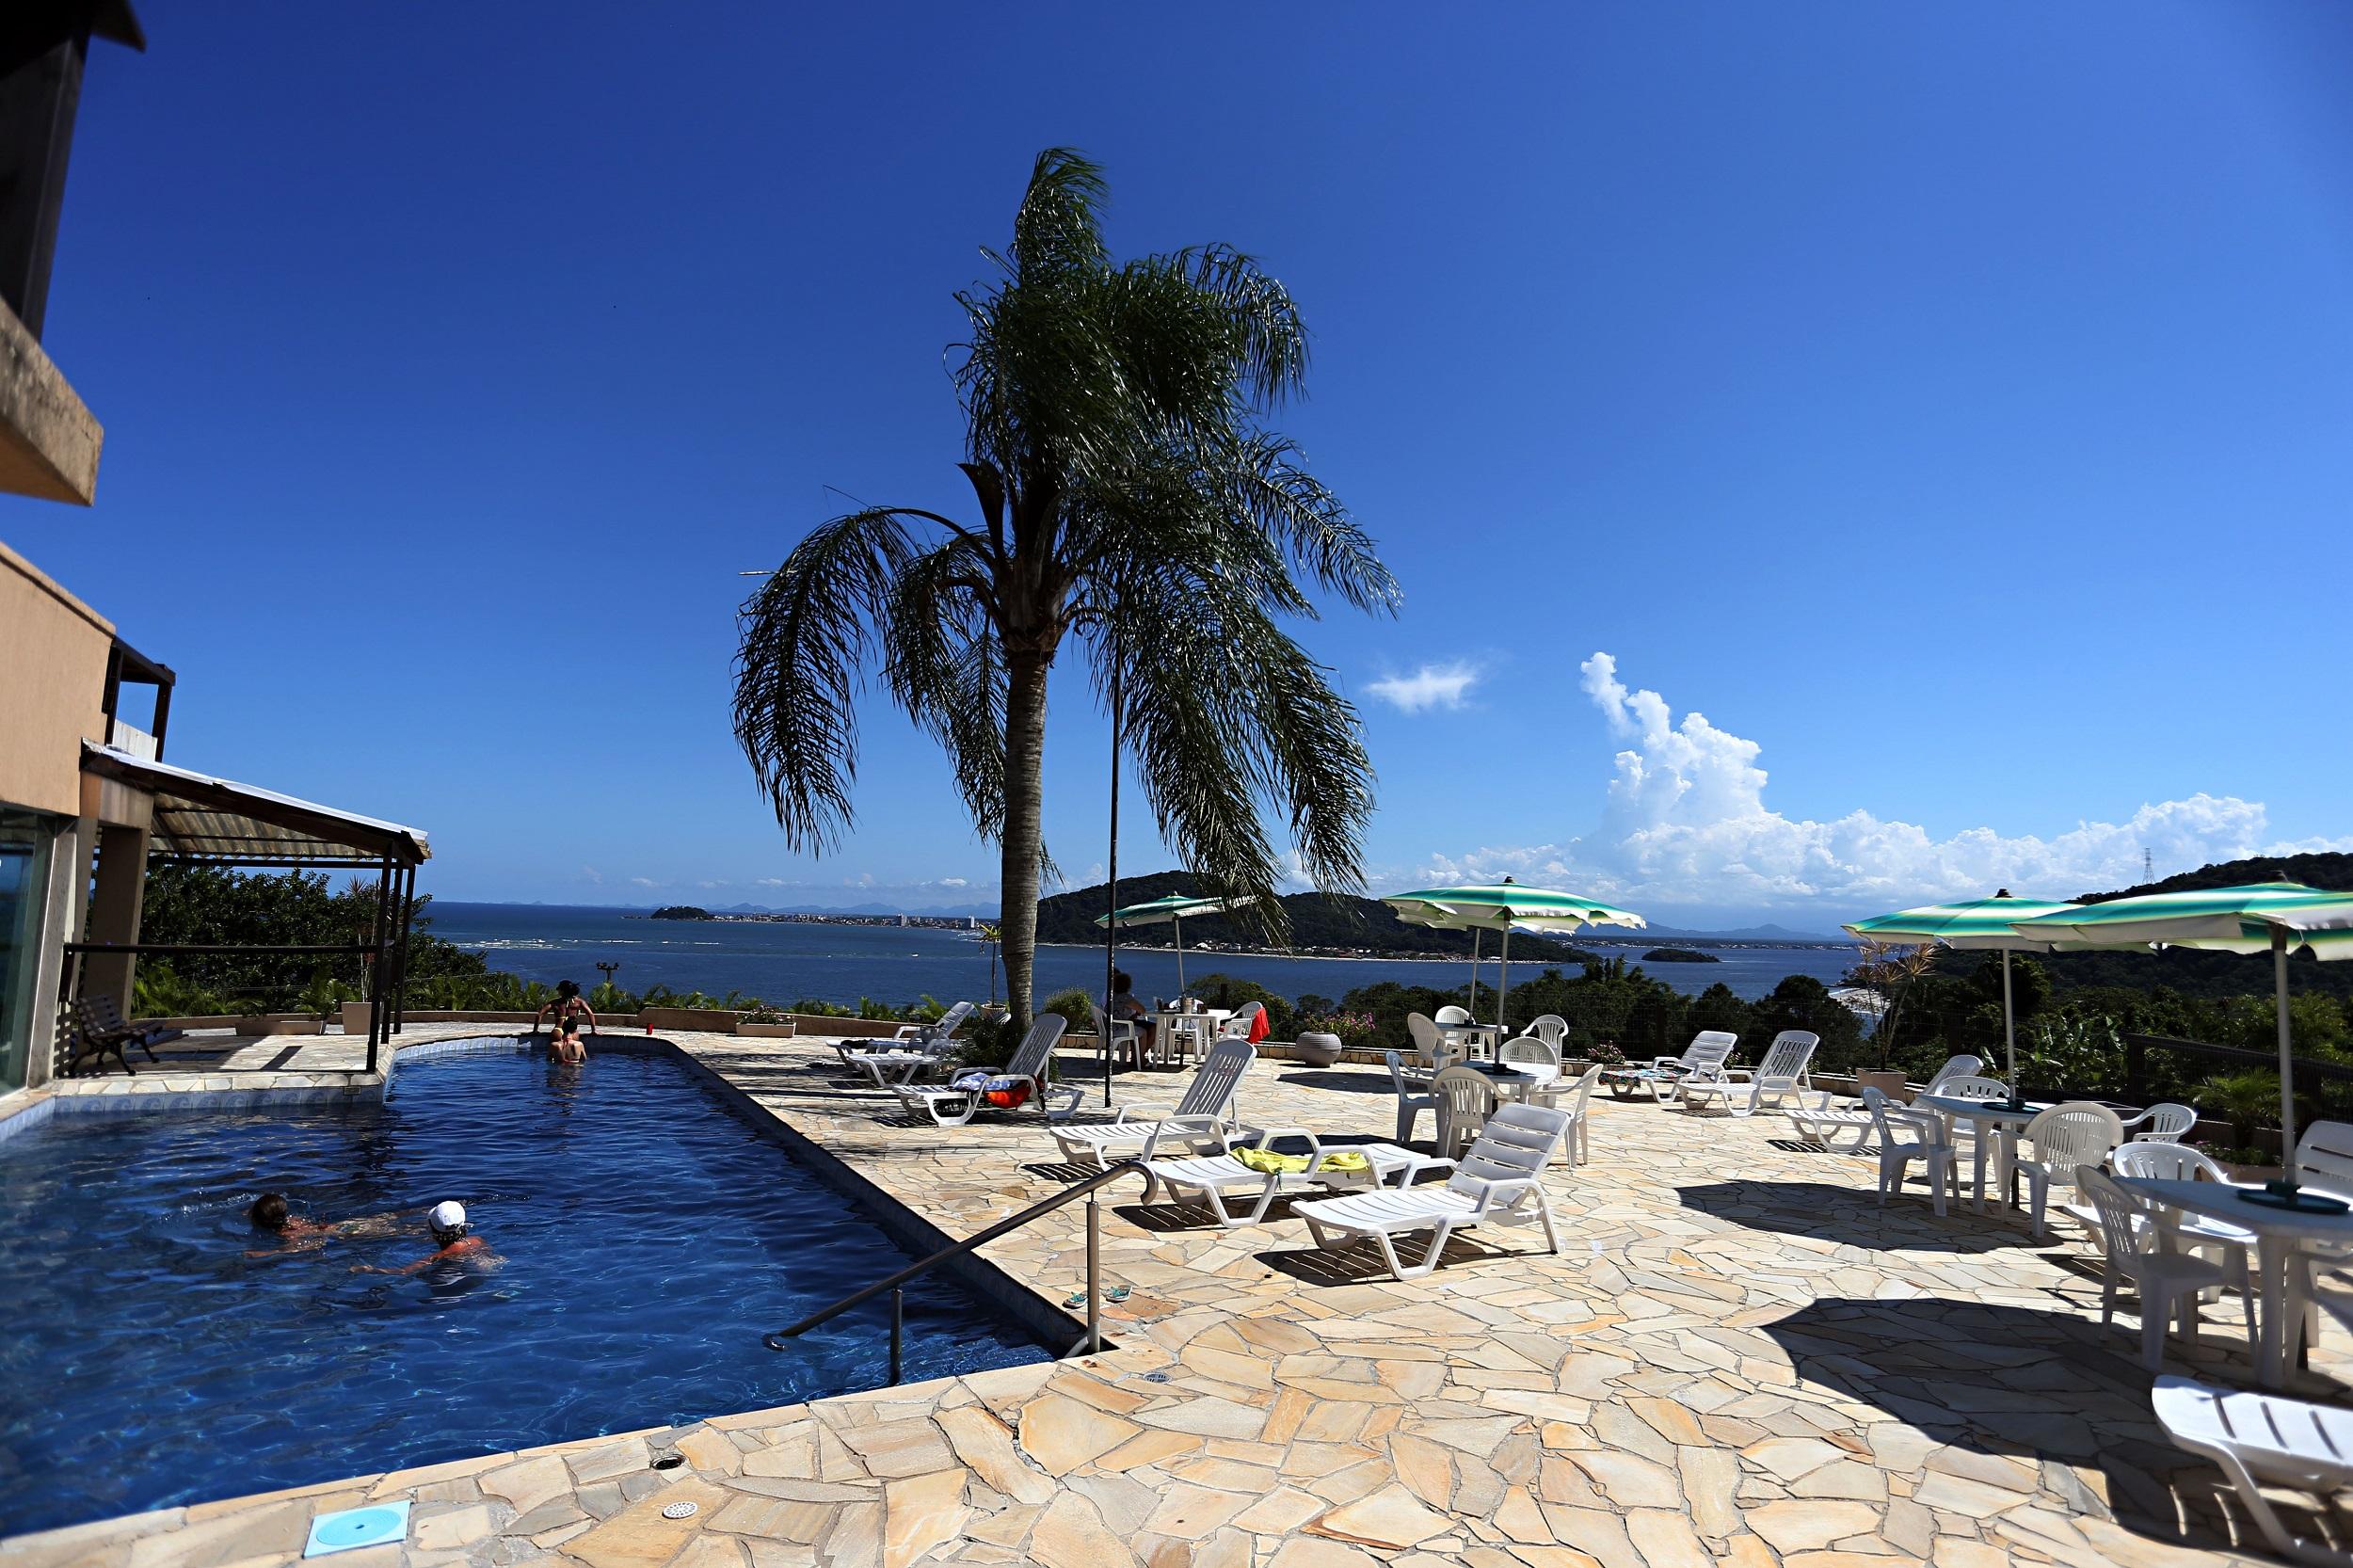 Ainda há vagas: hotéis para passar a Páscoa no litoral do Paraná